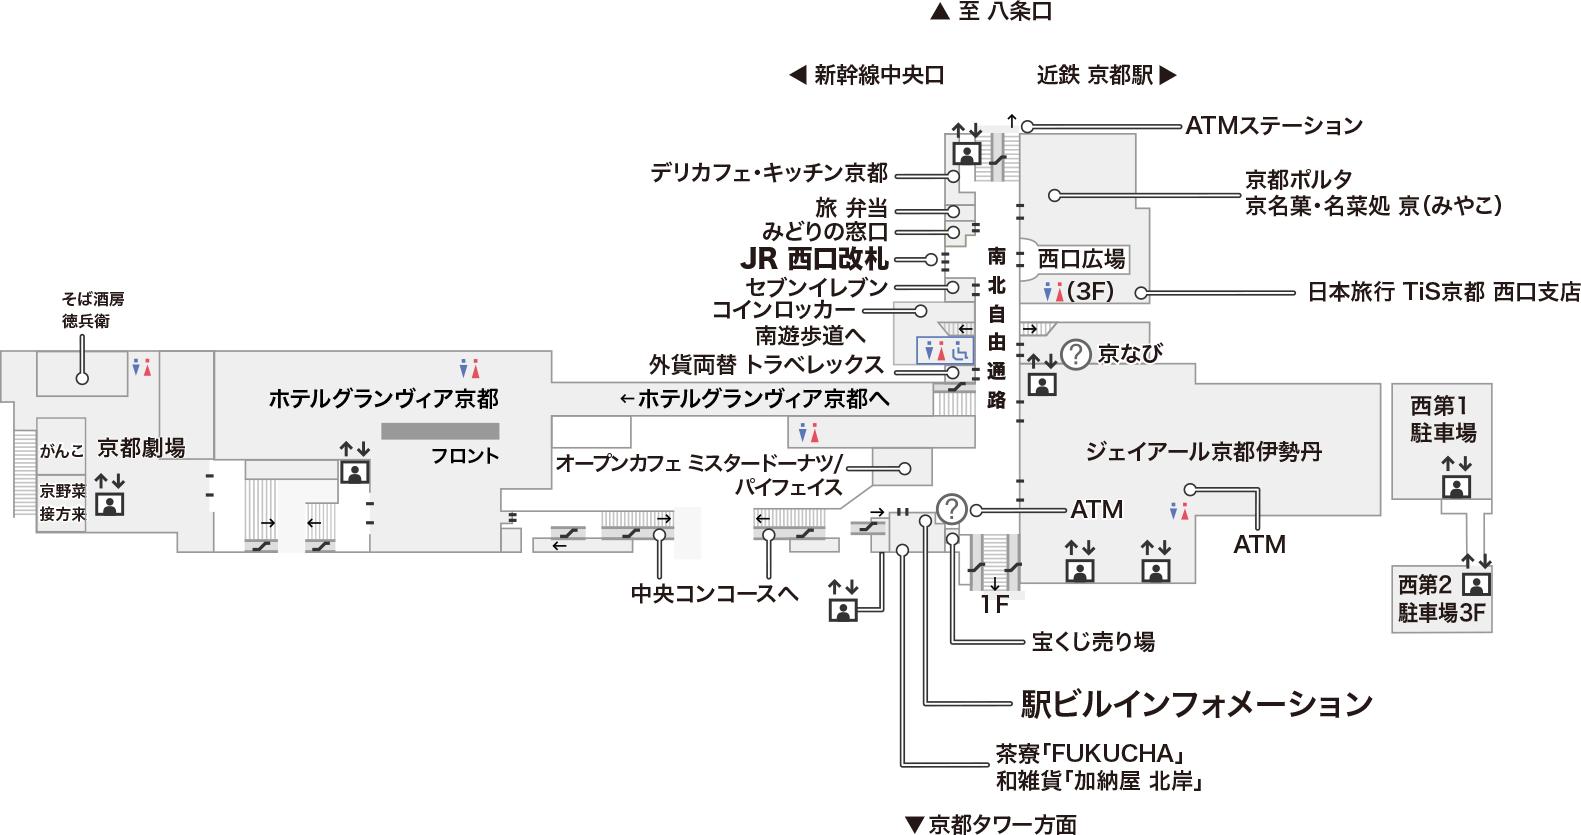 京都 キューブ アートキューブ株式会社